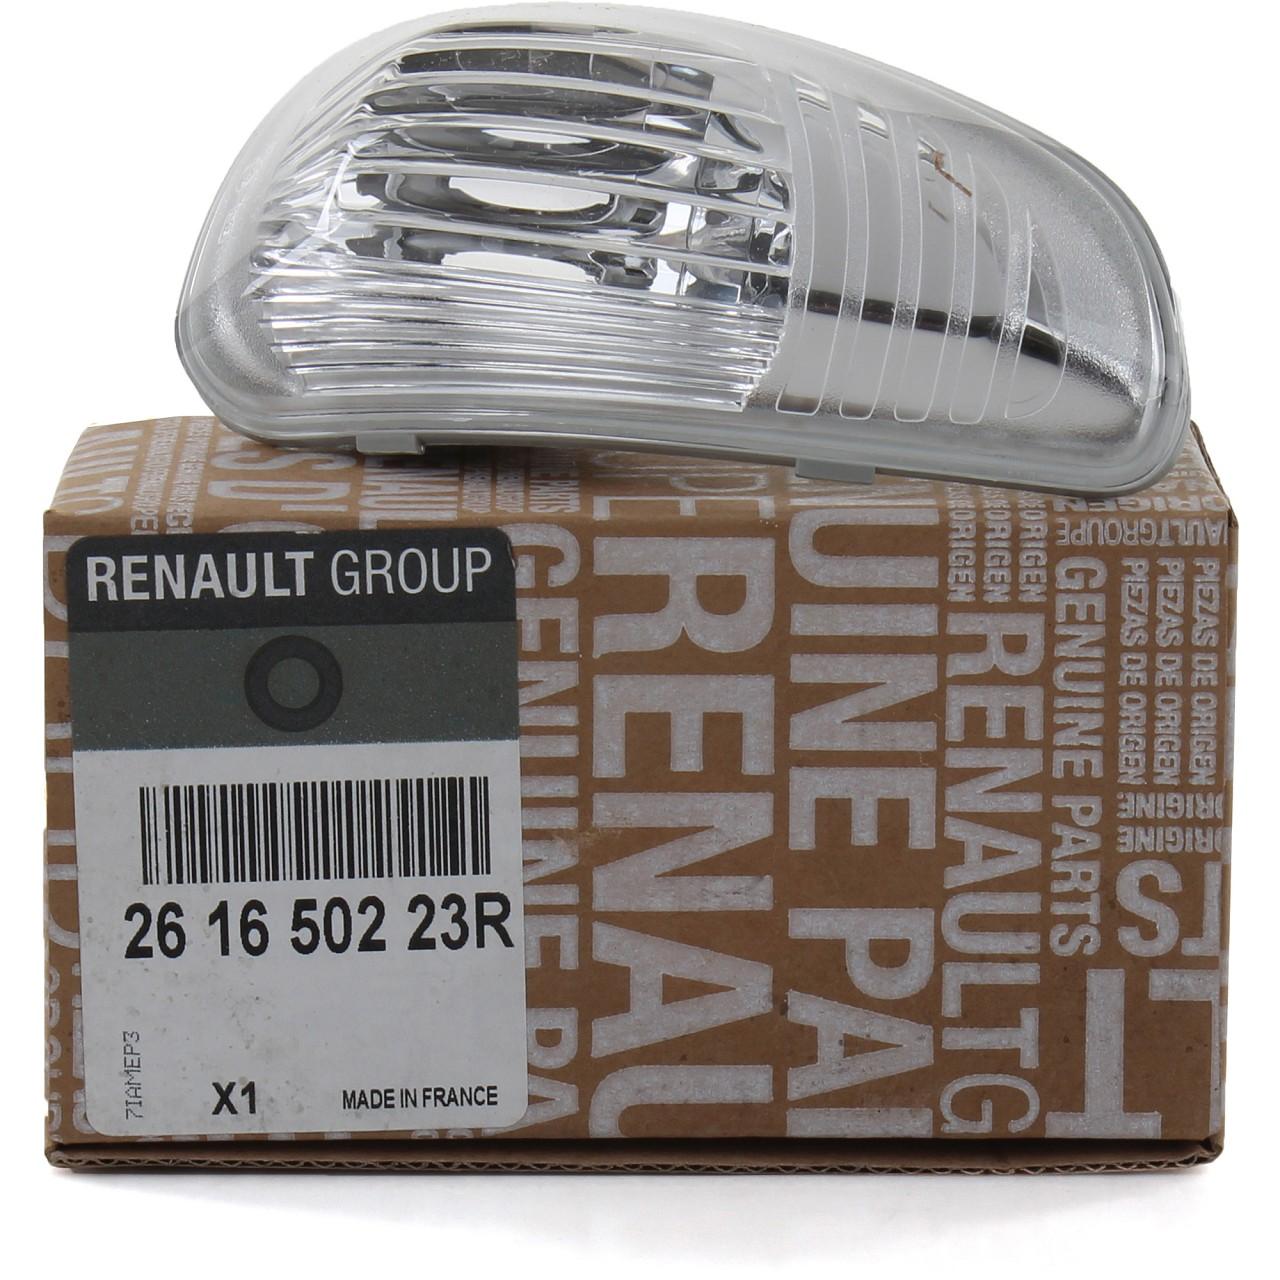 ORIGINAL Renault Lichtscheibe Außenspiegel Blinker Master III links 261650223R